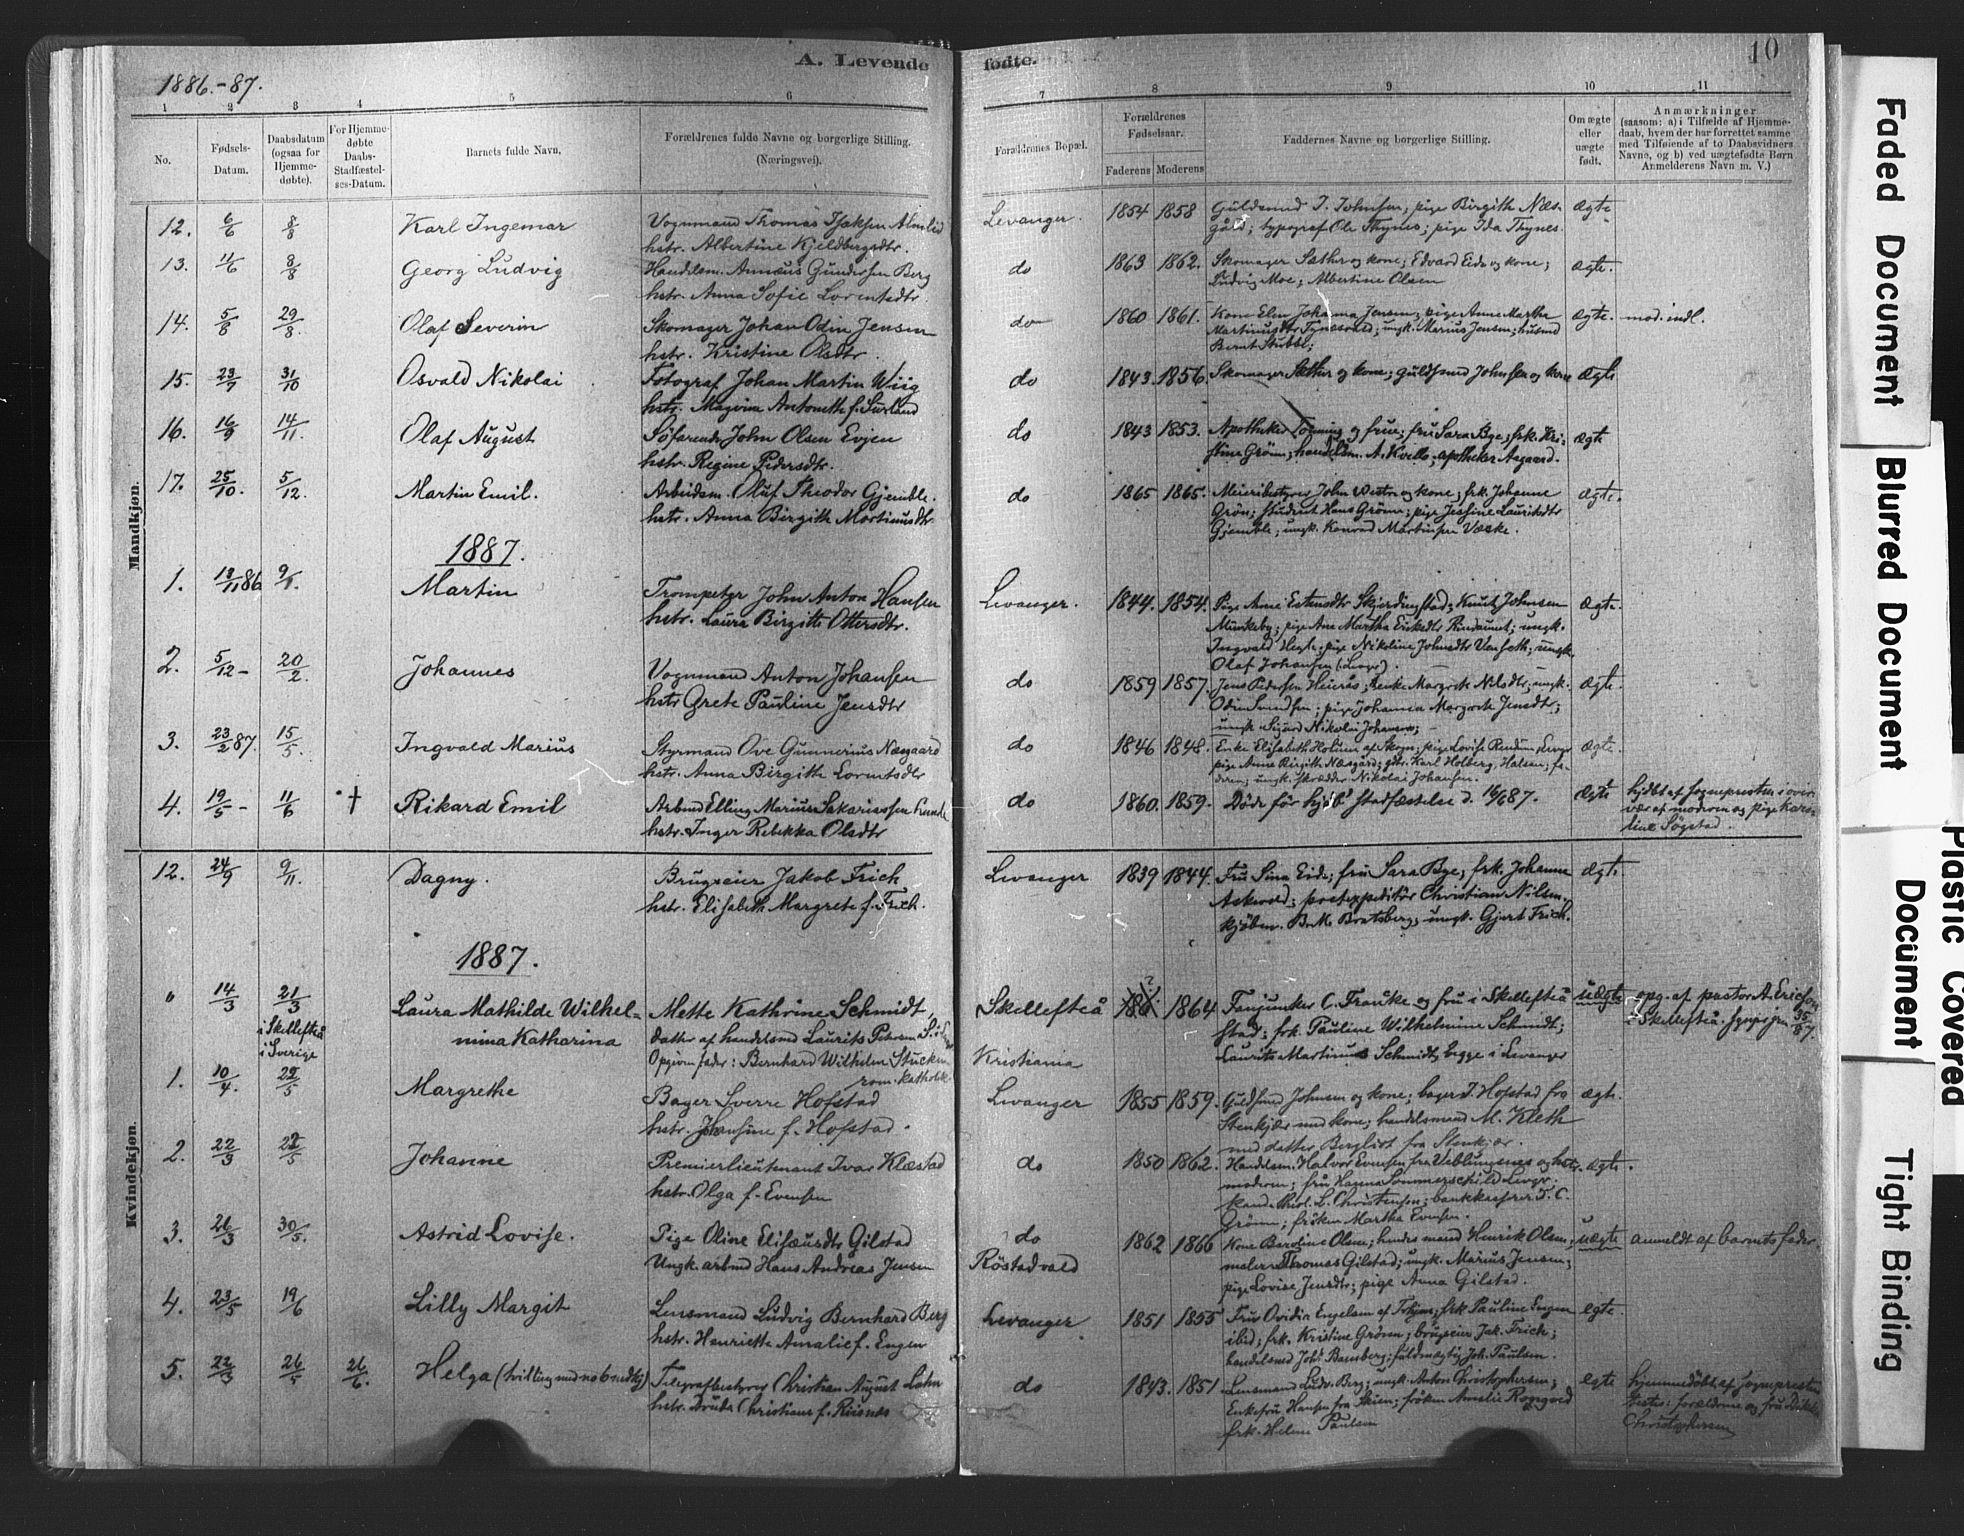 SAT, Ministerialprotokoller, klokkerbøker og fødselsregistre - Nord-Trøndelag, 720/L0189: Ministerialbok nr. 720A05, 1880-1911, s. 10